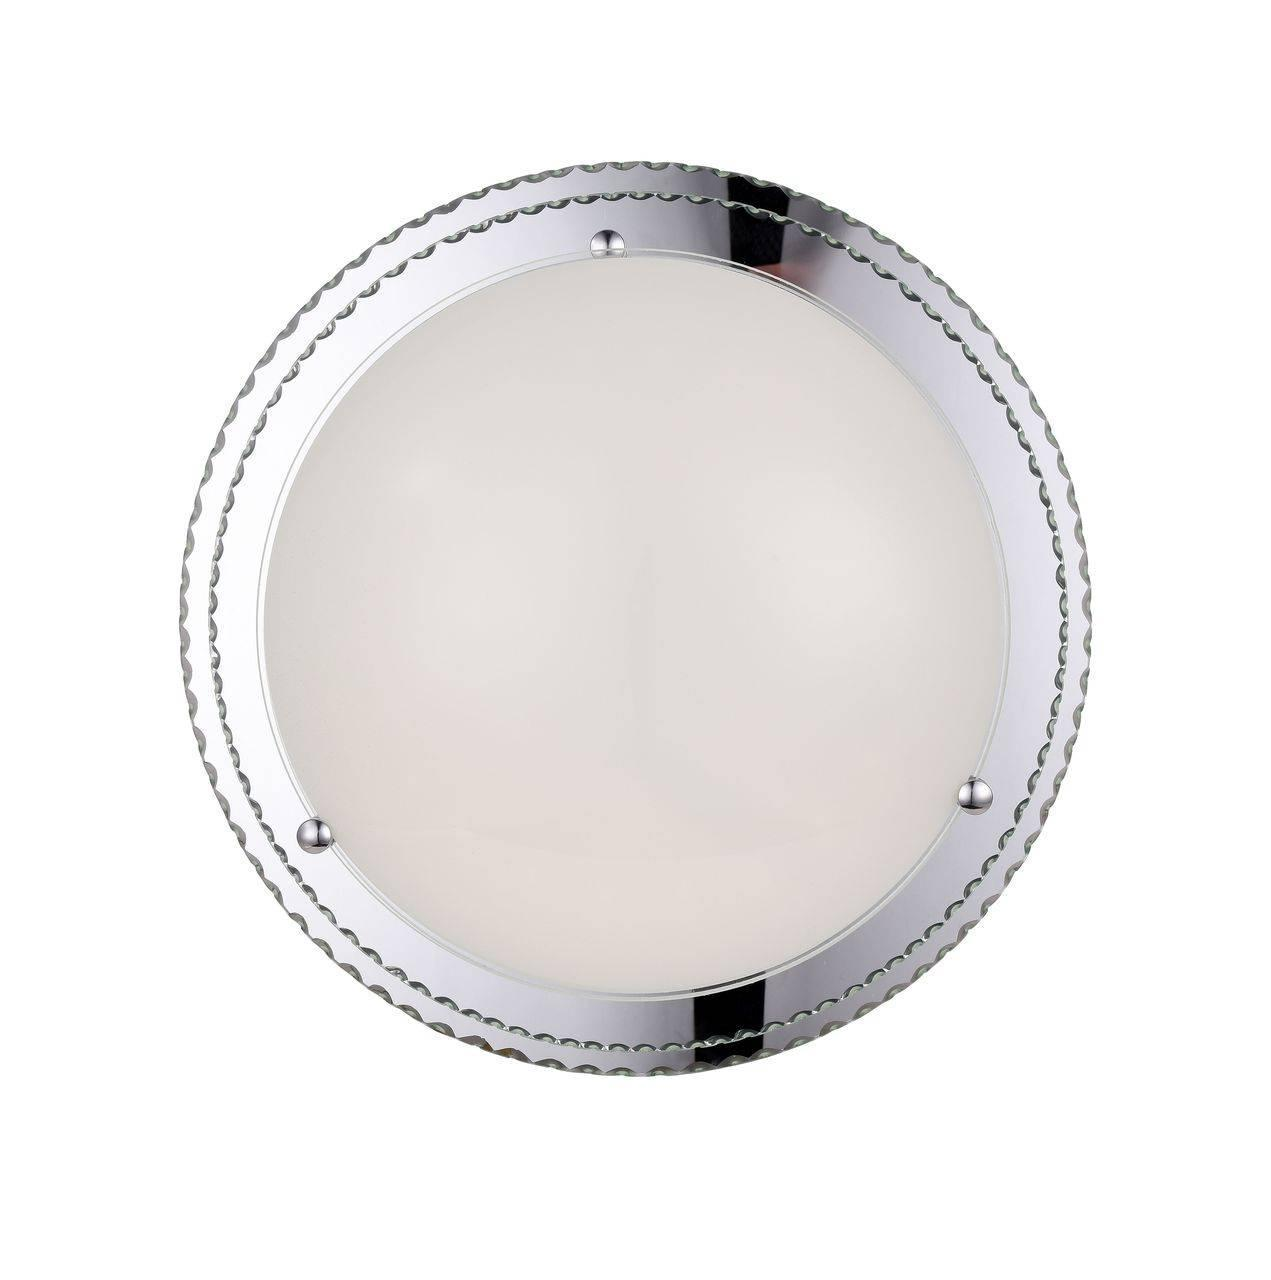 Потолочный светодиодный светильник ST Luce Universale SL494.512.01 потолочный светодиодный светильник st luce universale sl494 512 01